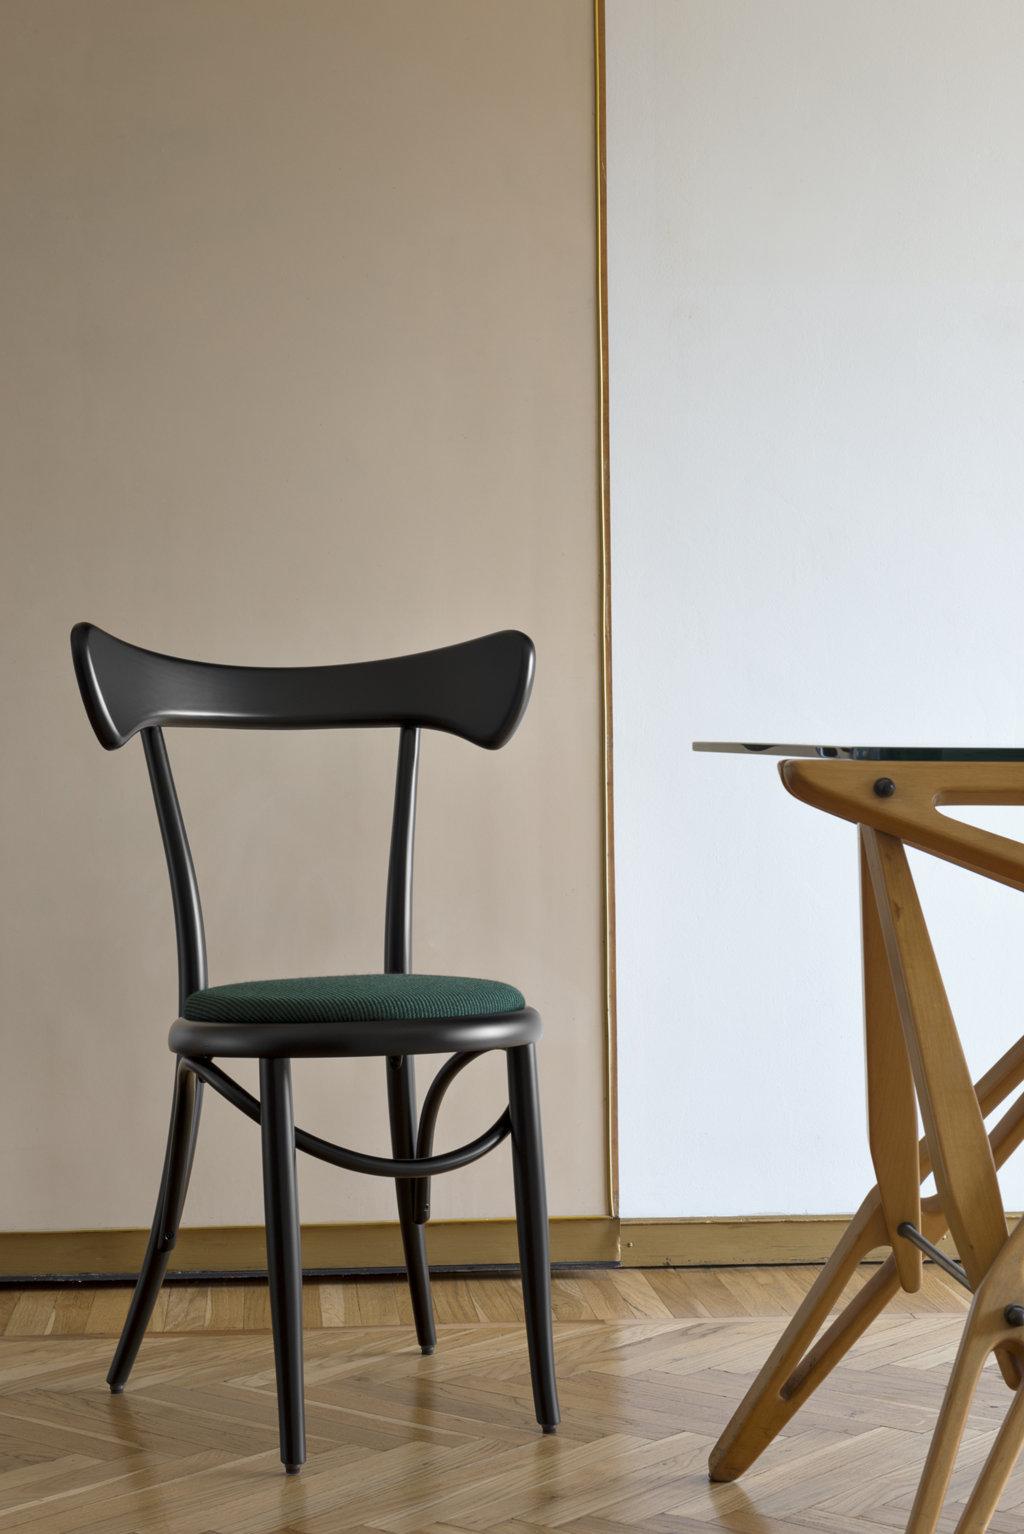 Cafestuhl Chair Upholstered